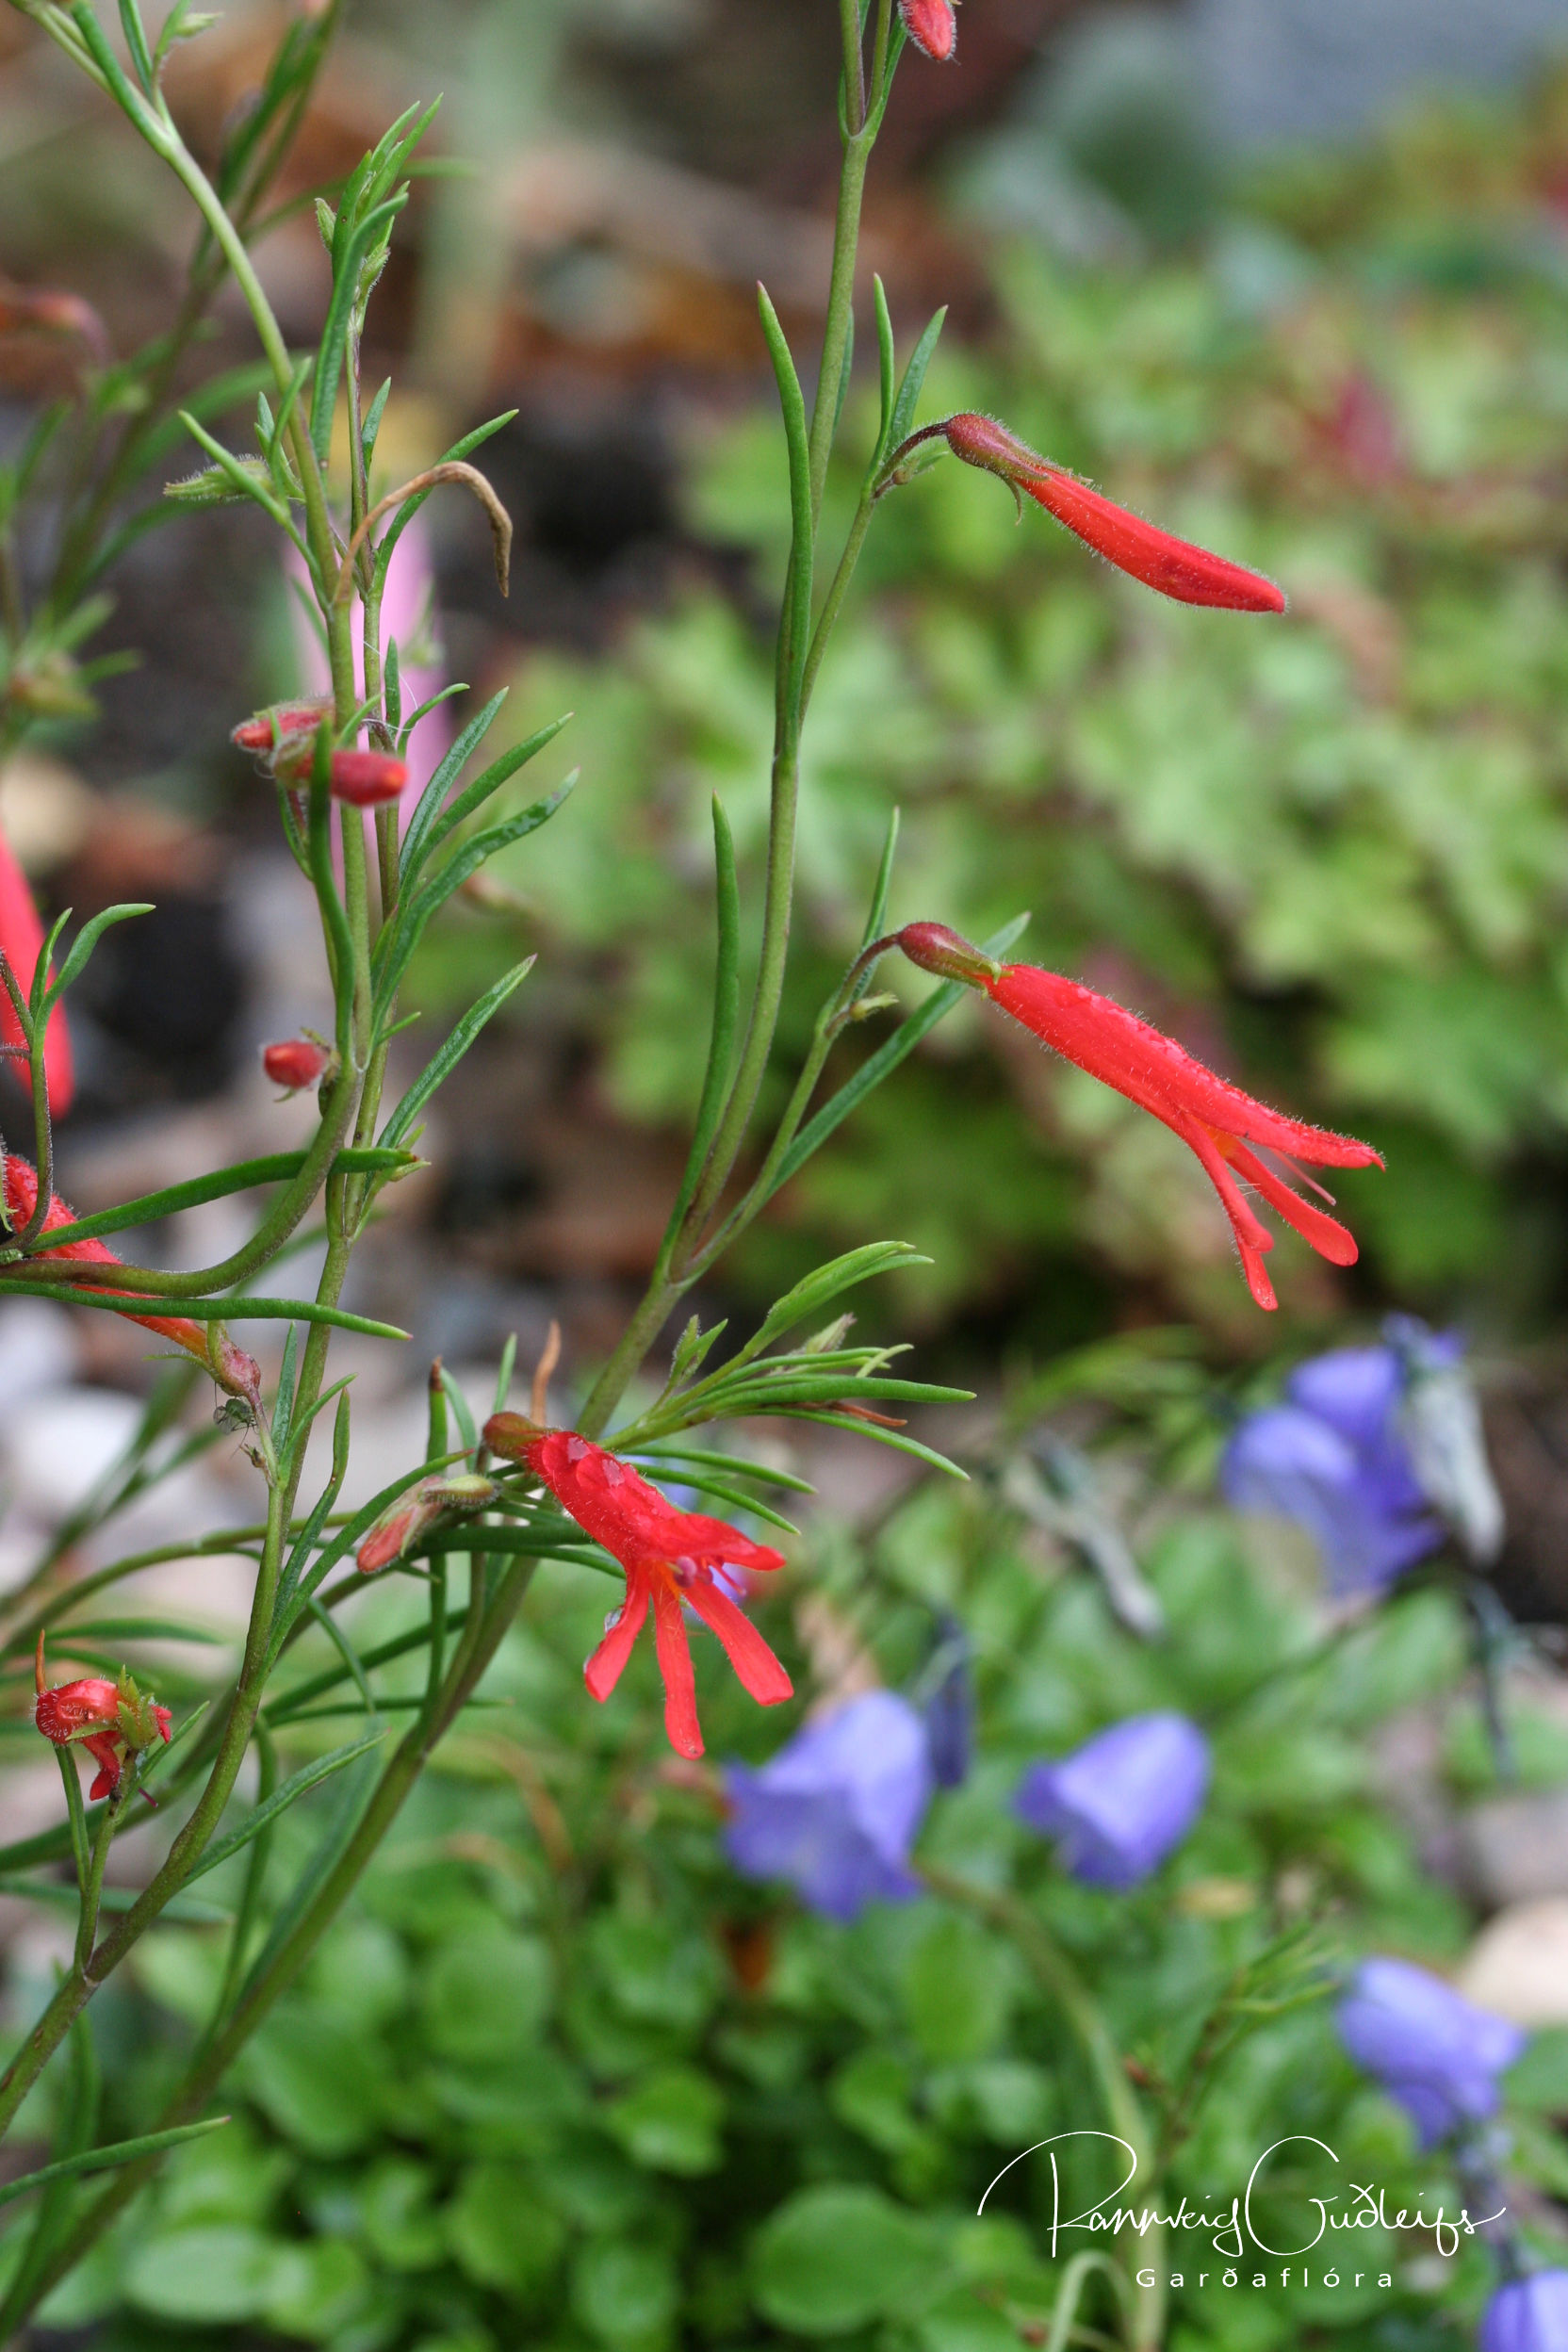 Penstemon pinifolia